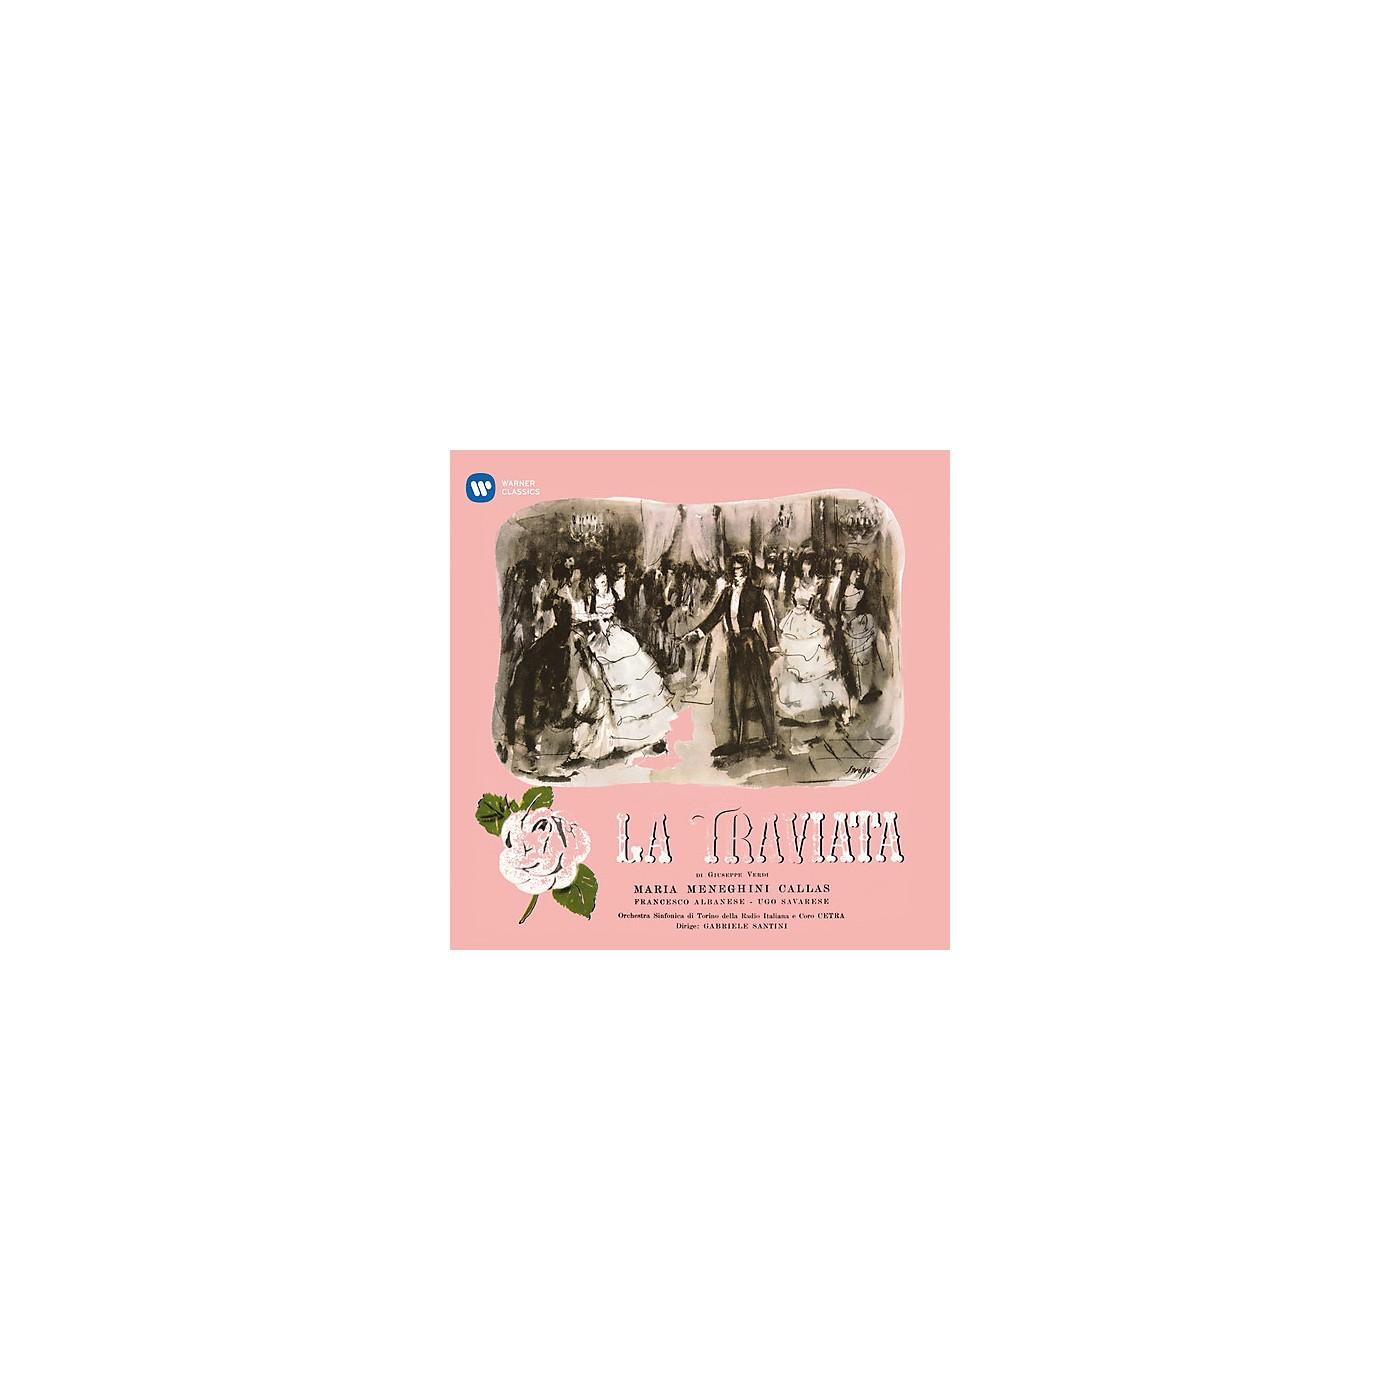 Alliance Maria Callas - La Traviata (1953 Studio Recording) thumbnail